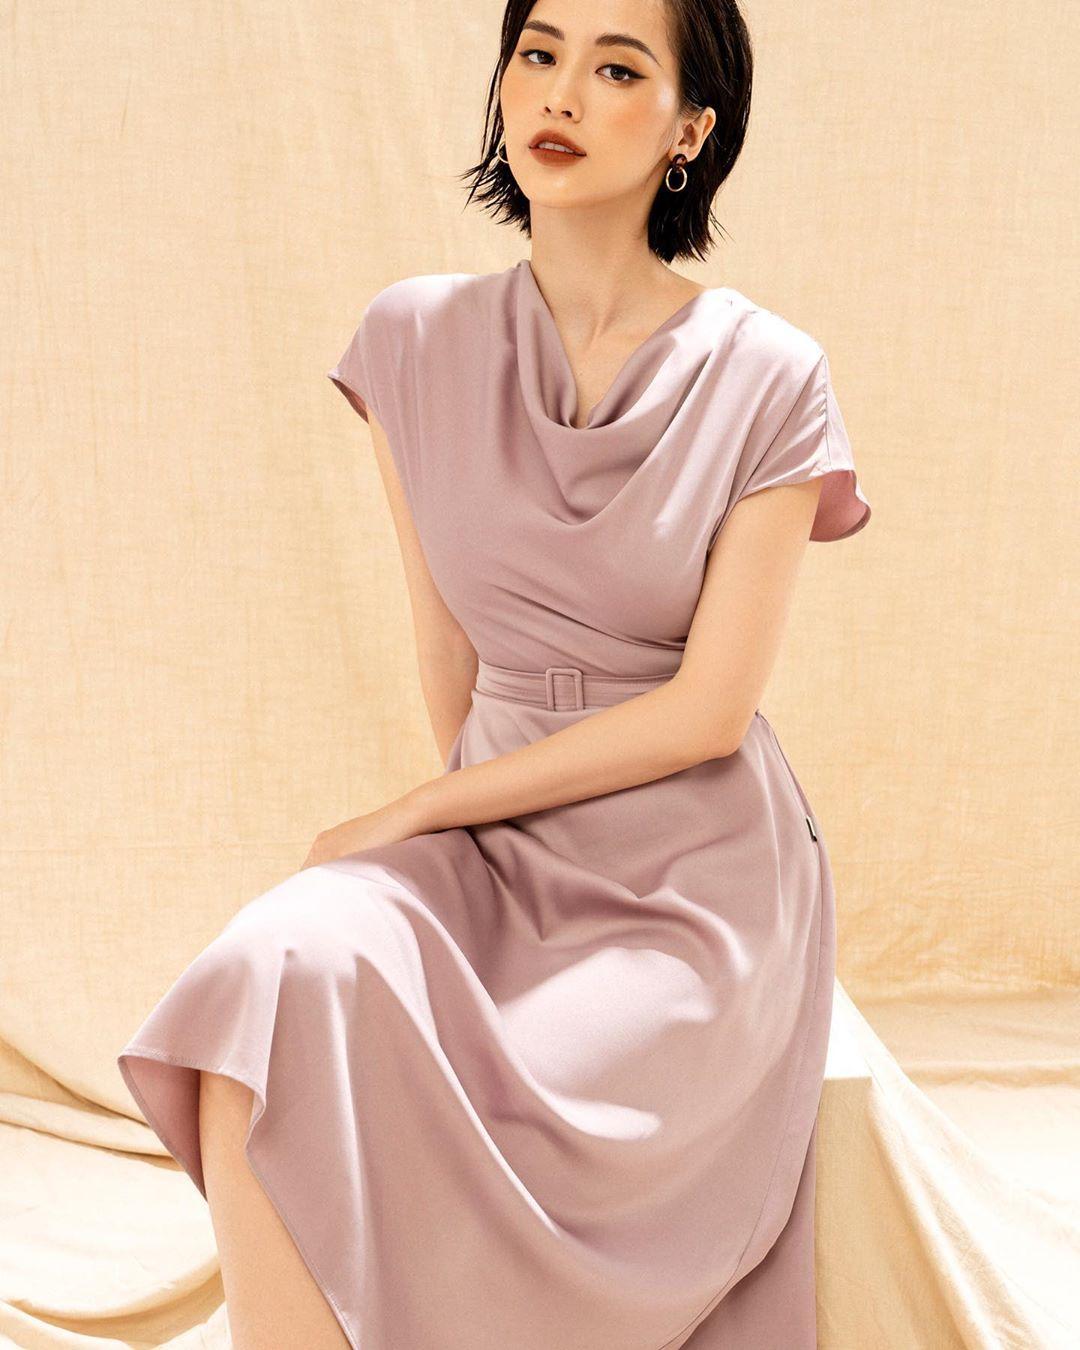 Hồng Diễm lên đồ đi du lịch với toàn món hot trend nhưng vẫn để lọt một bộ đầm tím sến súa làm tụt điểm phong cách - Ảnh 5.